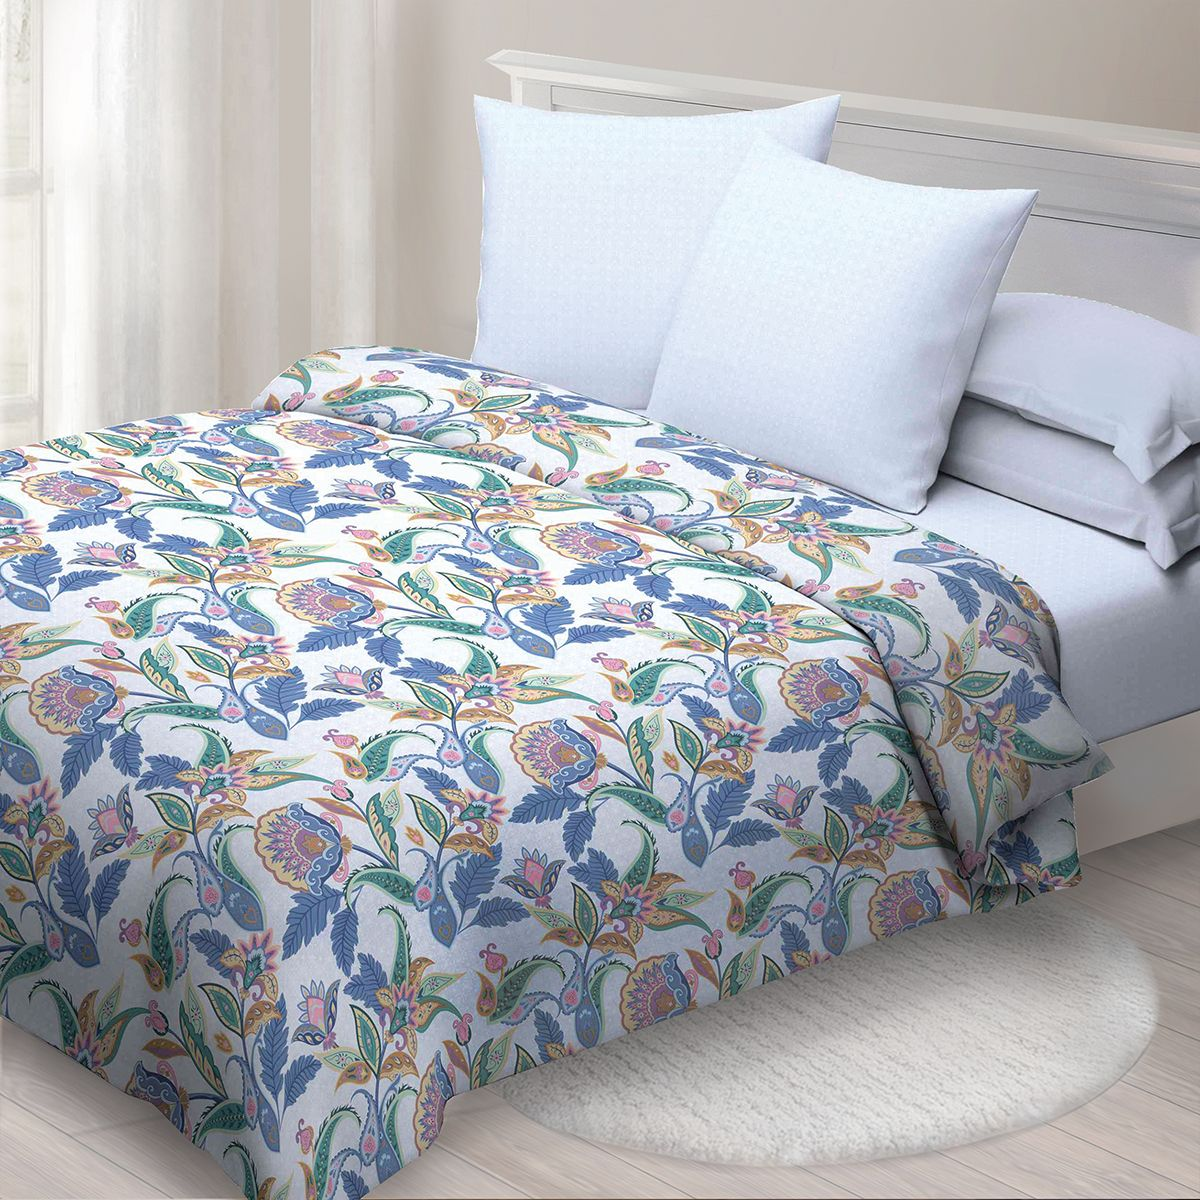 Комплект белья Спал Спалыч Индира, евро, наволочки 70x70. 4091-1 комплект постельного белья 1 5 спал спалыч рис 4084 1 карамель